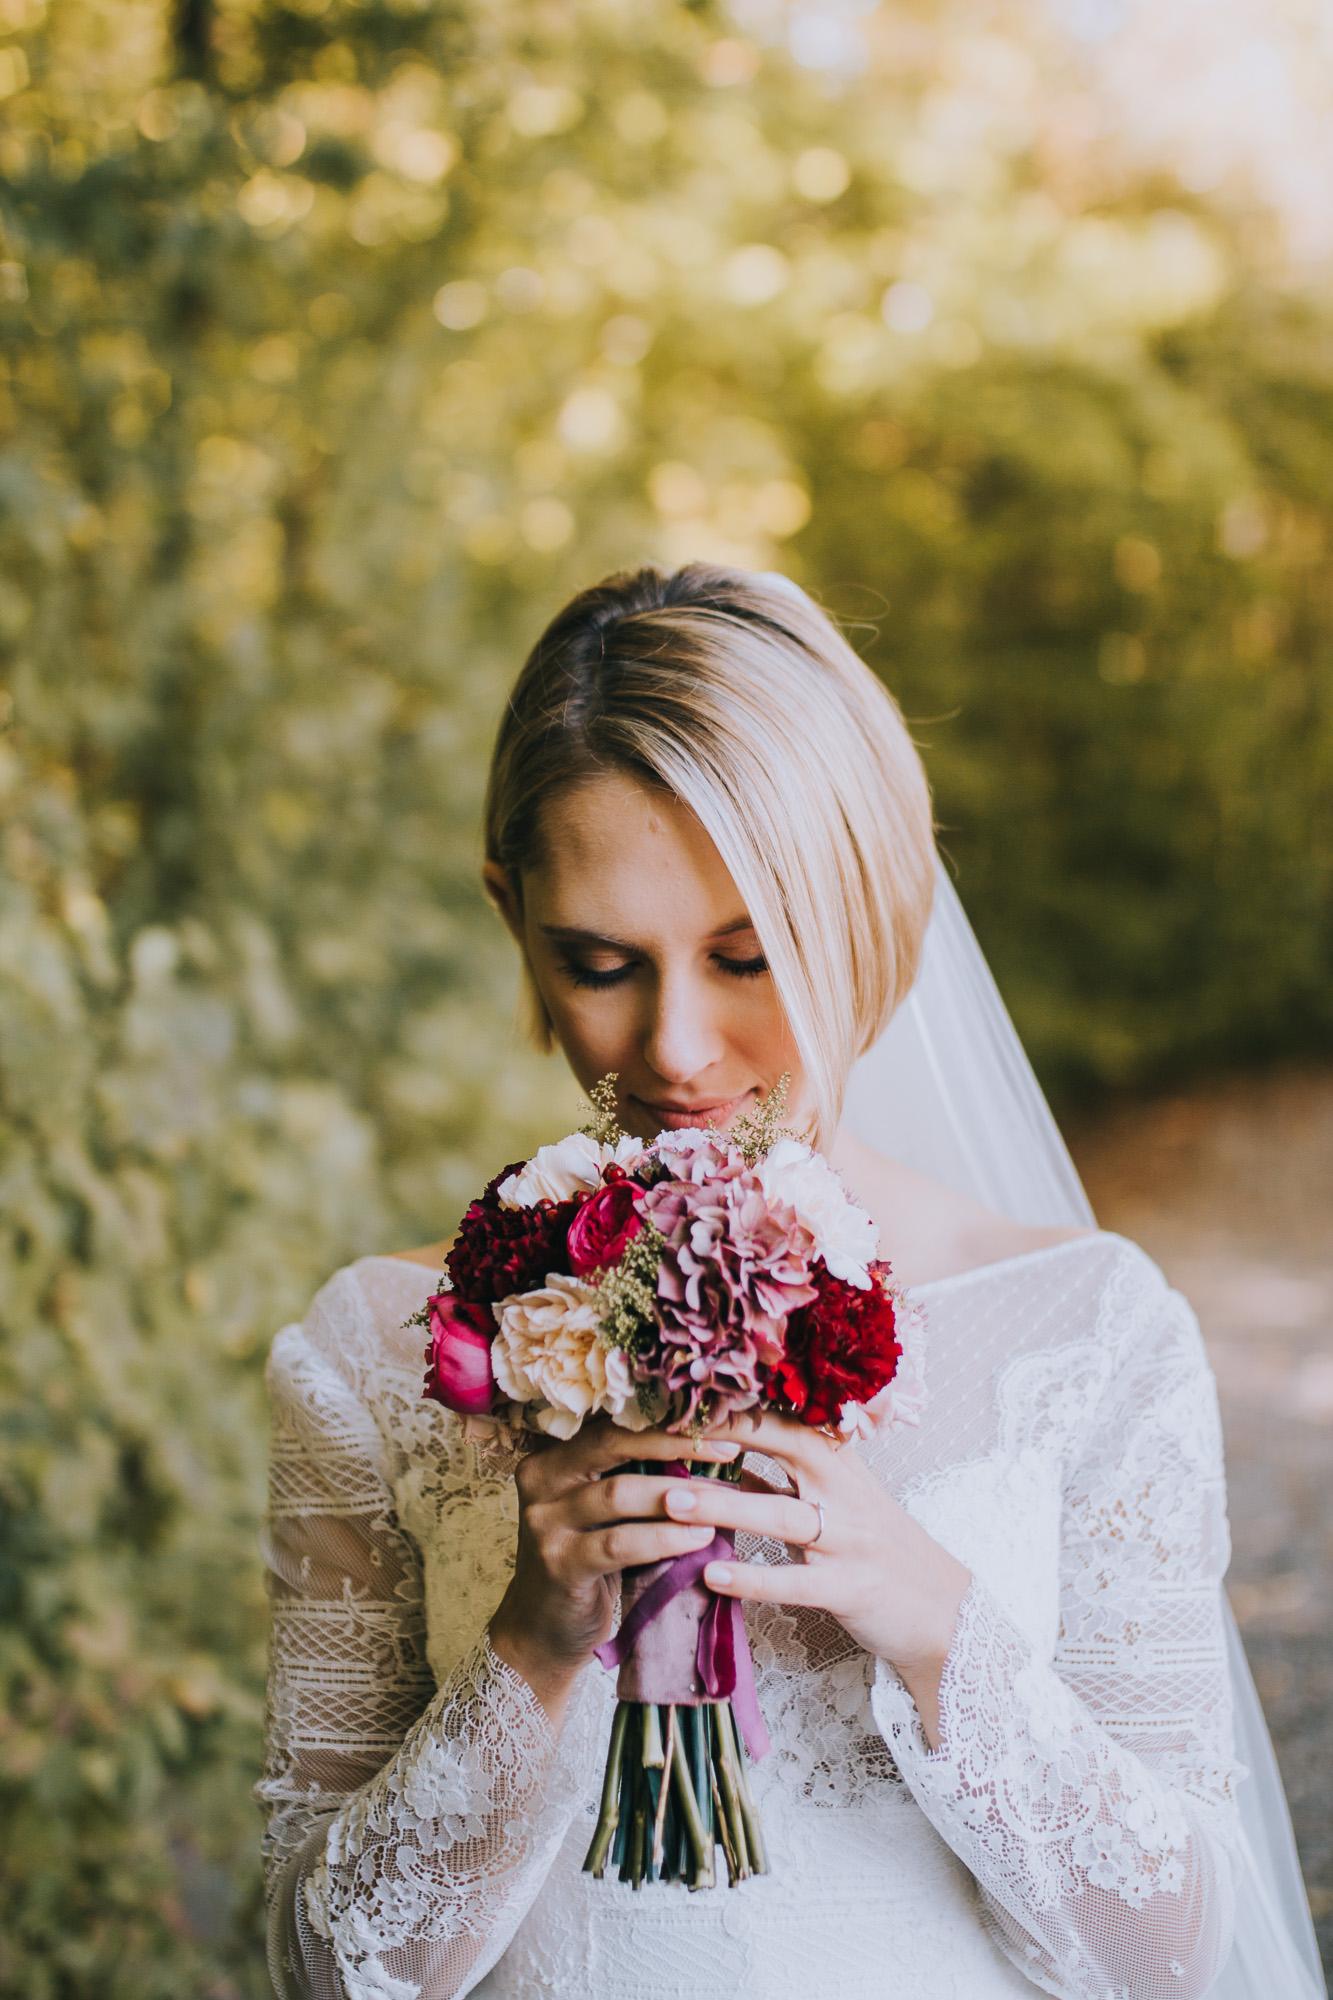 2018929 - Hochzeit - Memoryfactory-26.jpg